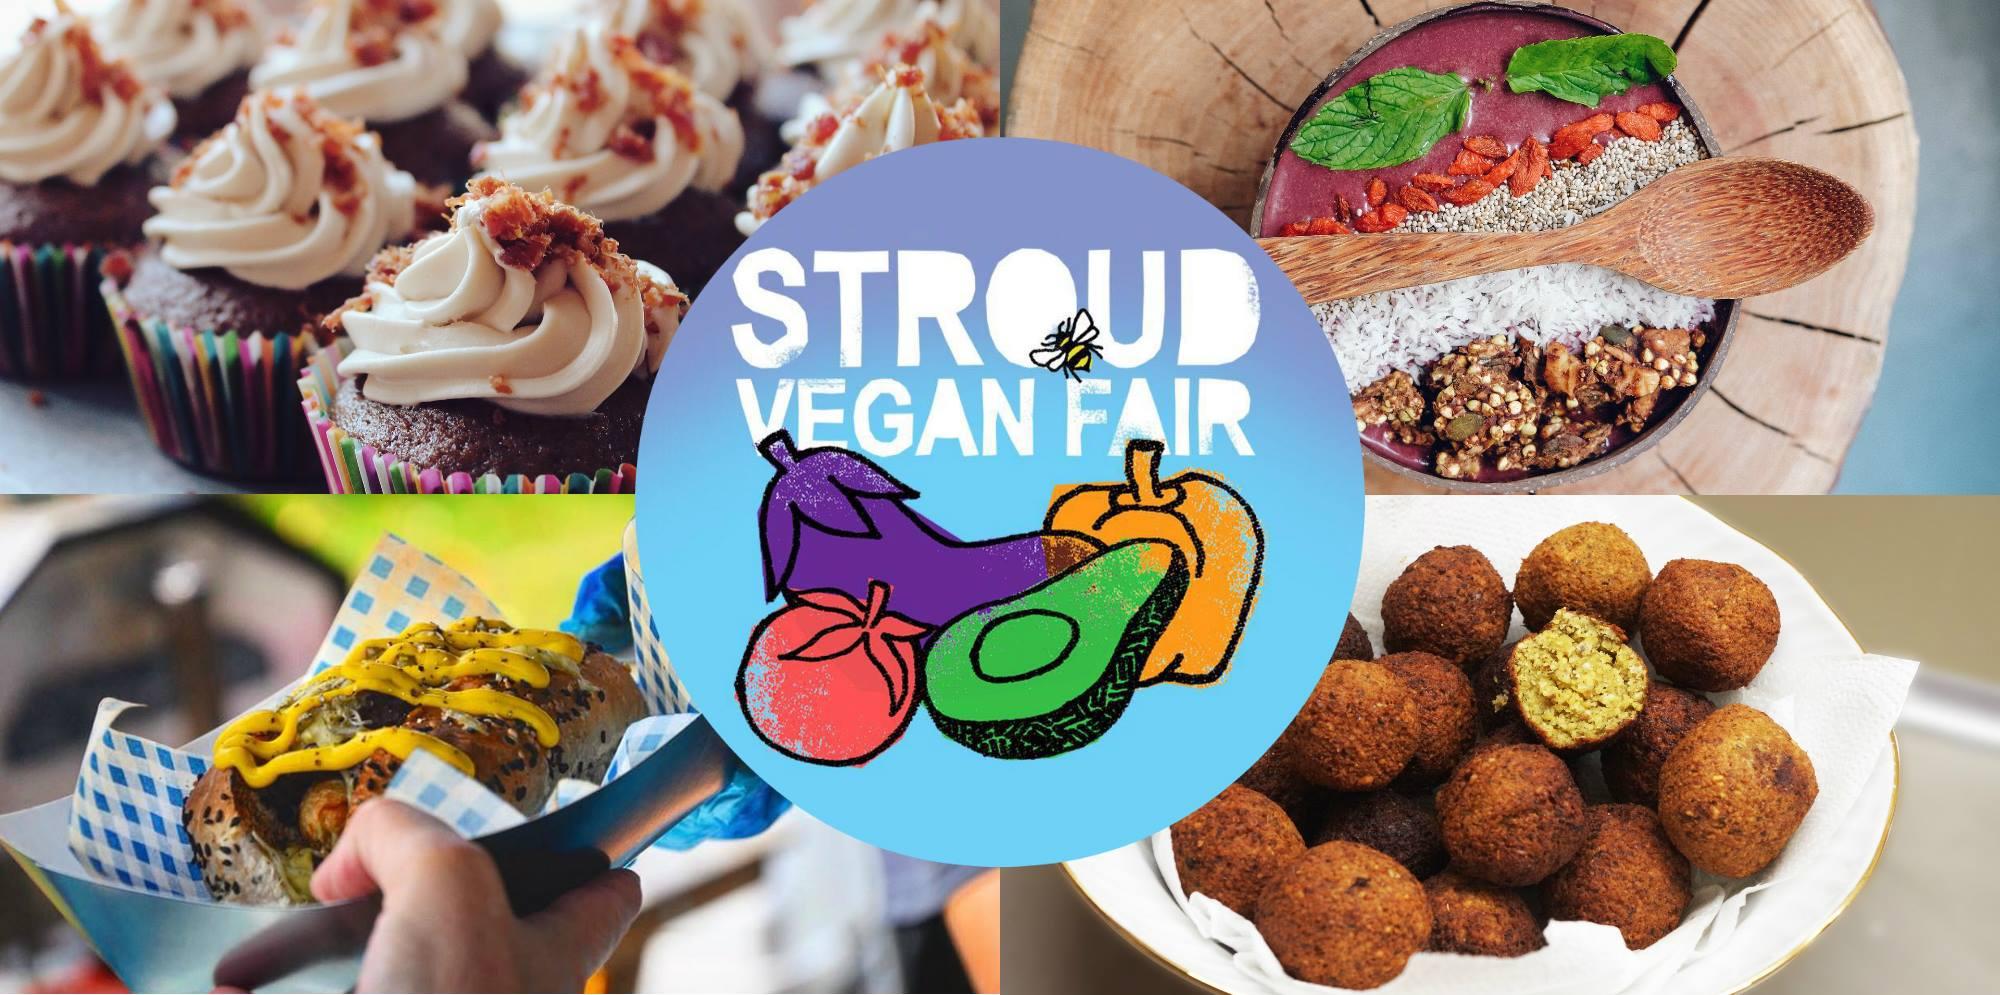 stroud Vegan Fair advert